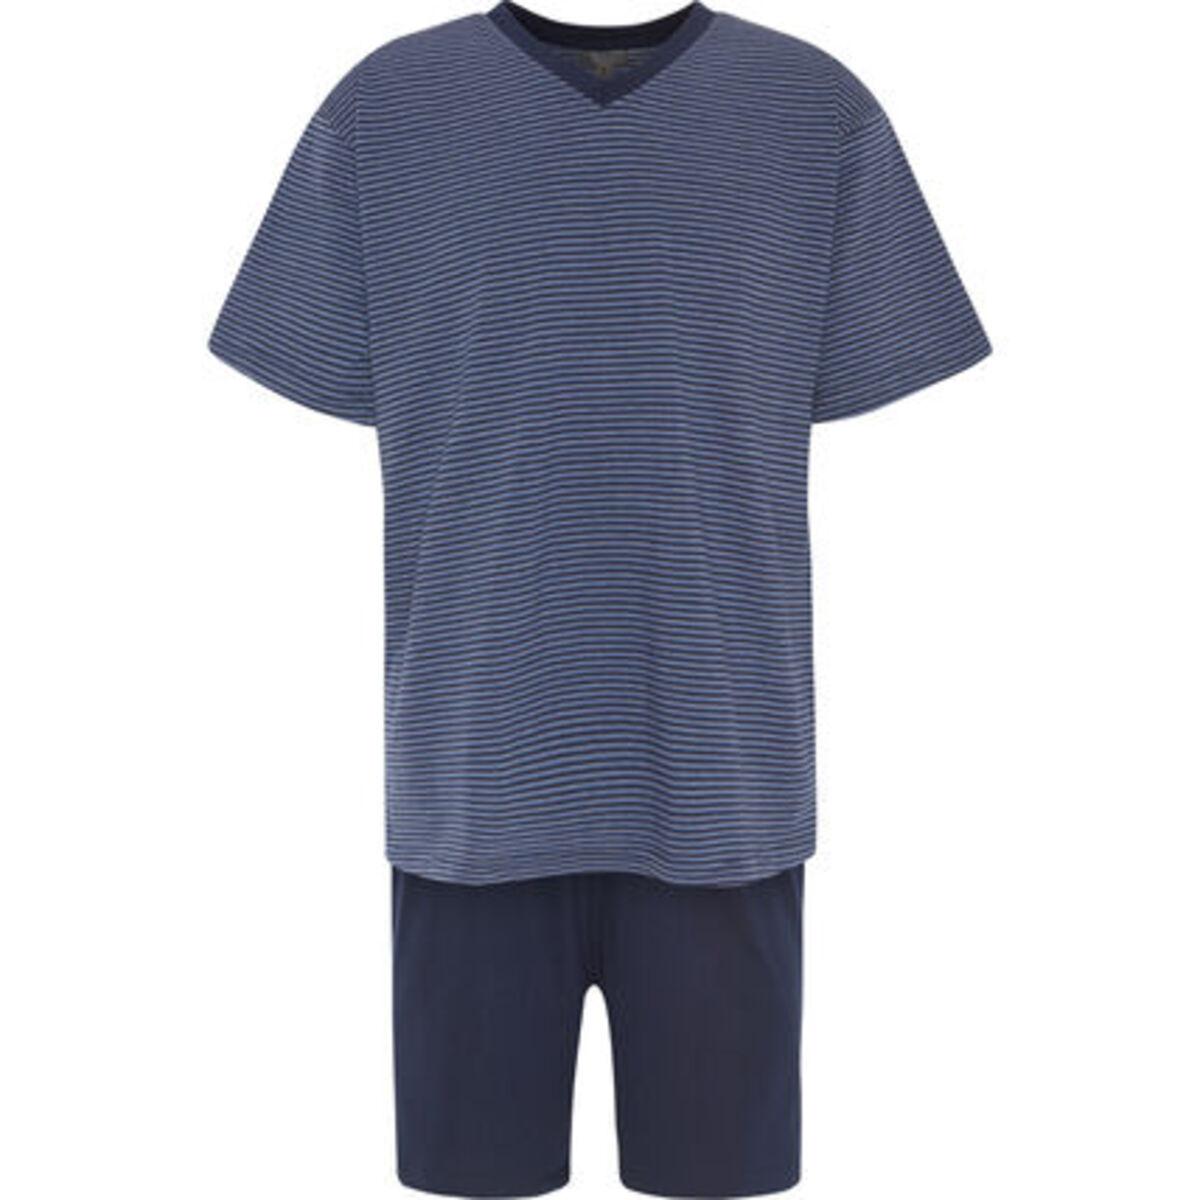 Bild 1 von K|town Schlafanzug, kurz, V-Ausschnitt, Jersey, für Herren